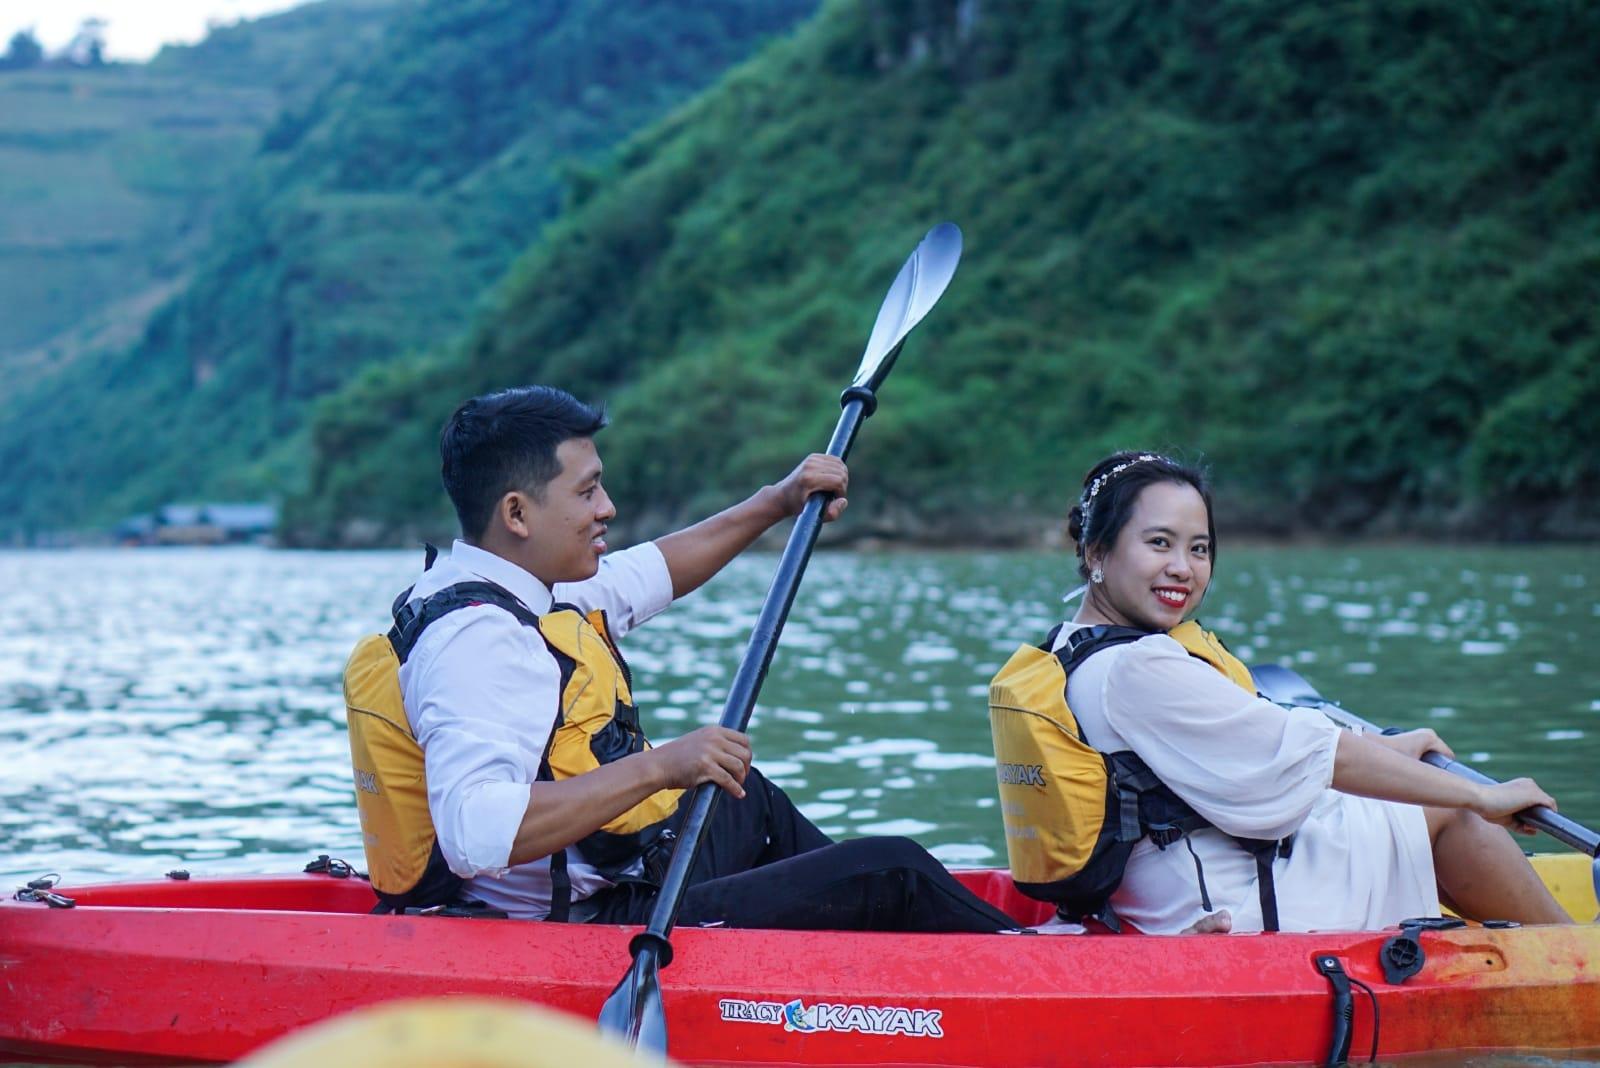 man and woman riding red kayak on lake